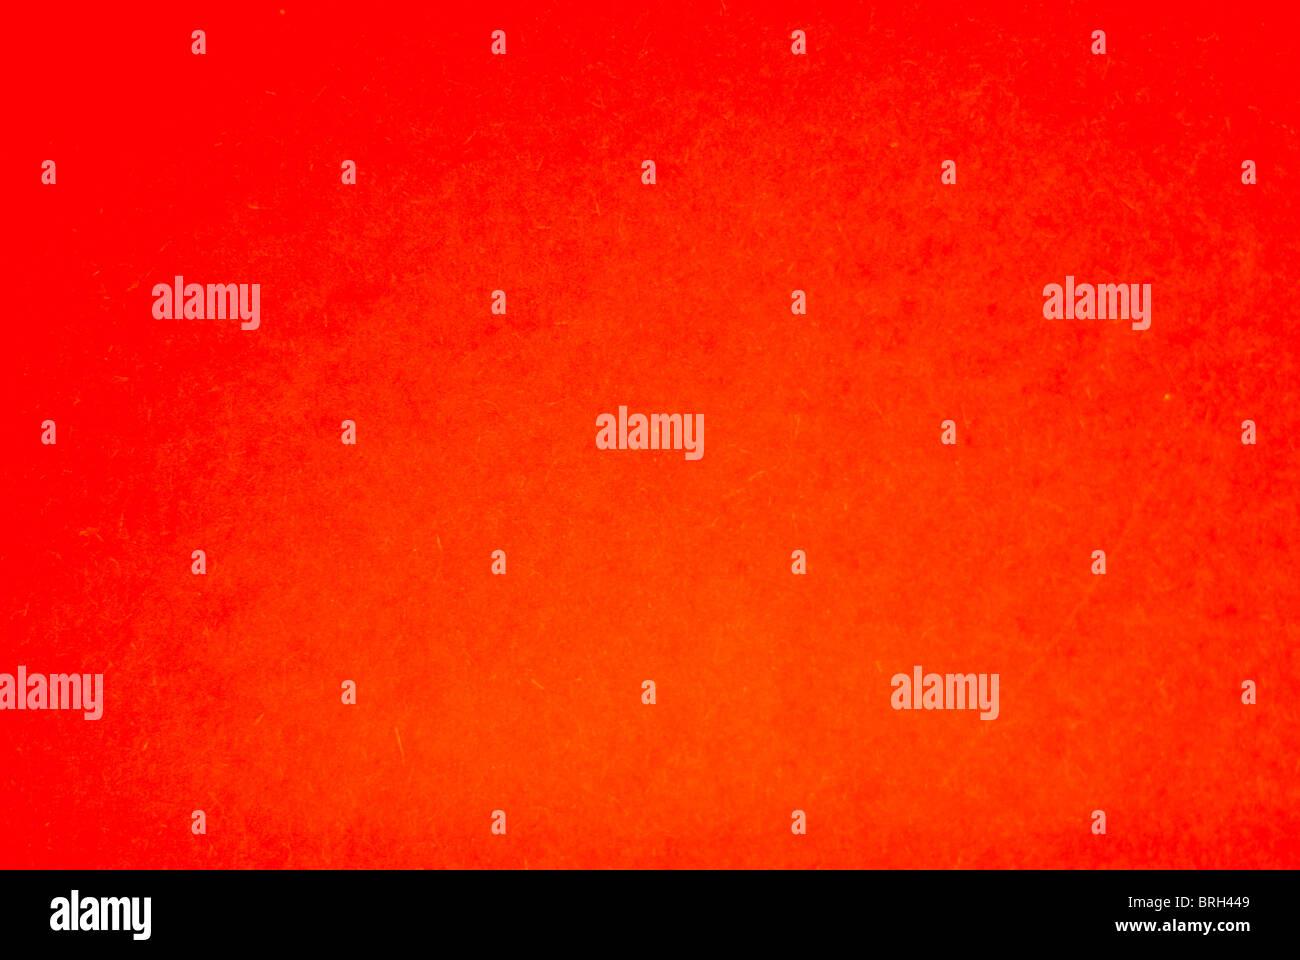 Fondo rojo con textura shot cerca en lightbox Imagen De Stock